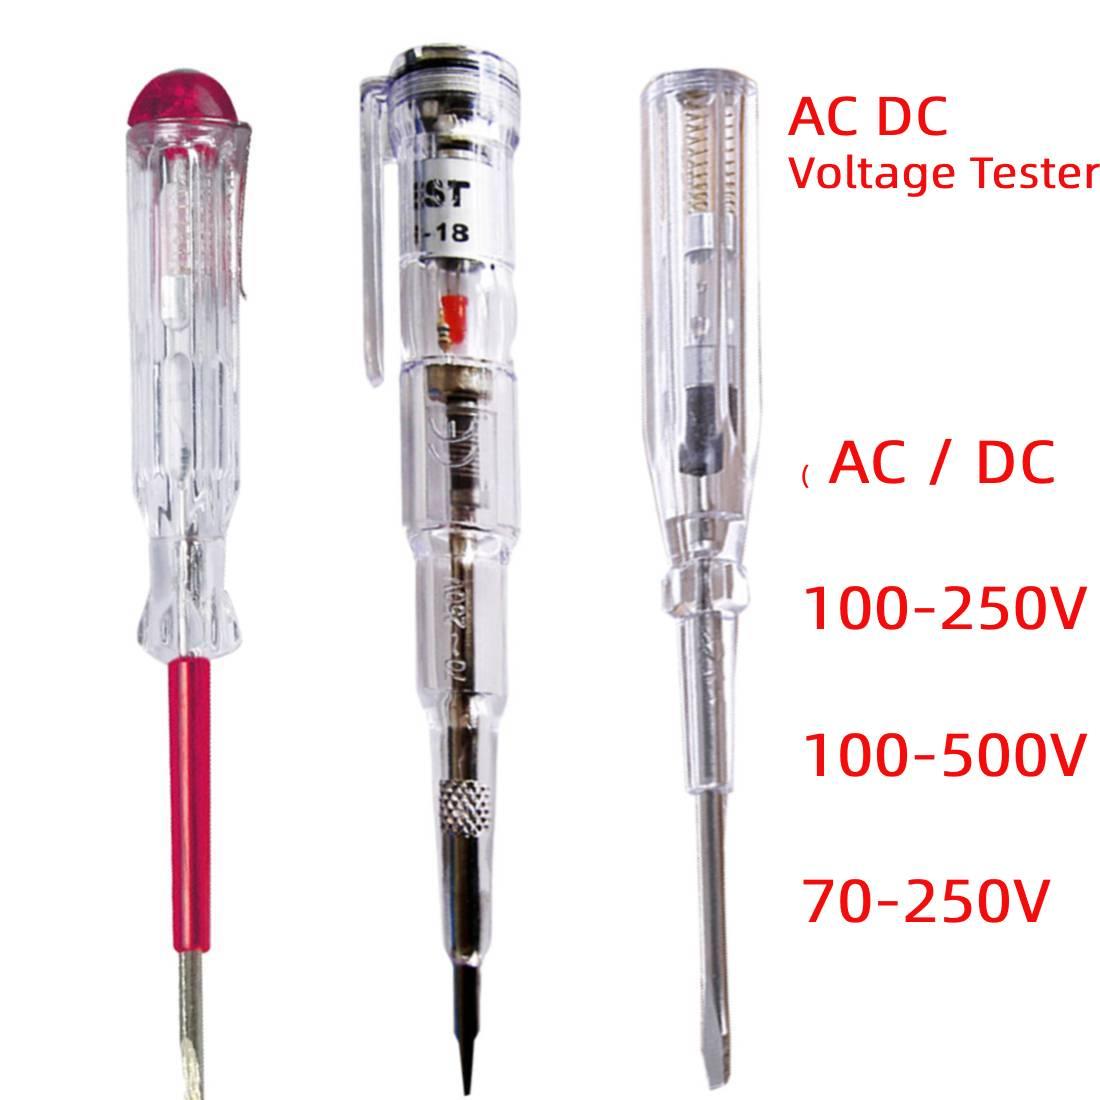 AC/ DC 100-250V/ 100-500V/ 70-250V di Tensione del Tester Della Penna rivelatore di Indotta Tester Elettrico Cacciavite Sonda Con Indicatore di Luce